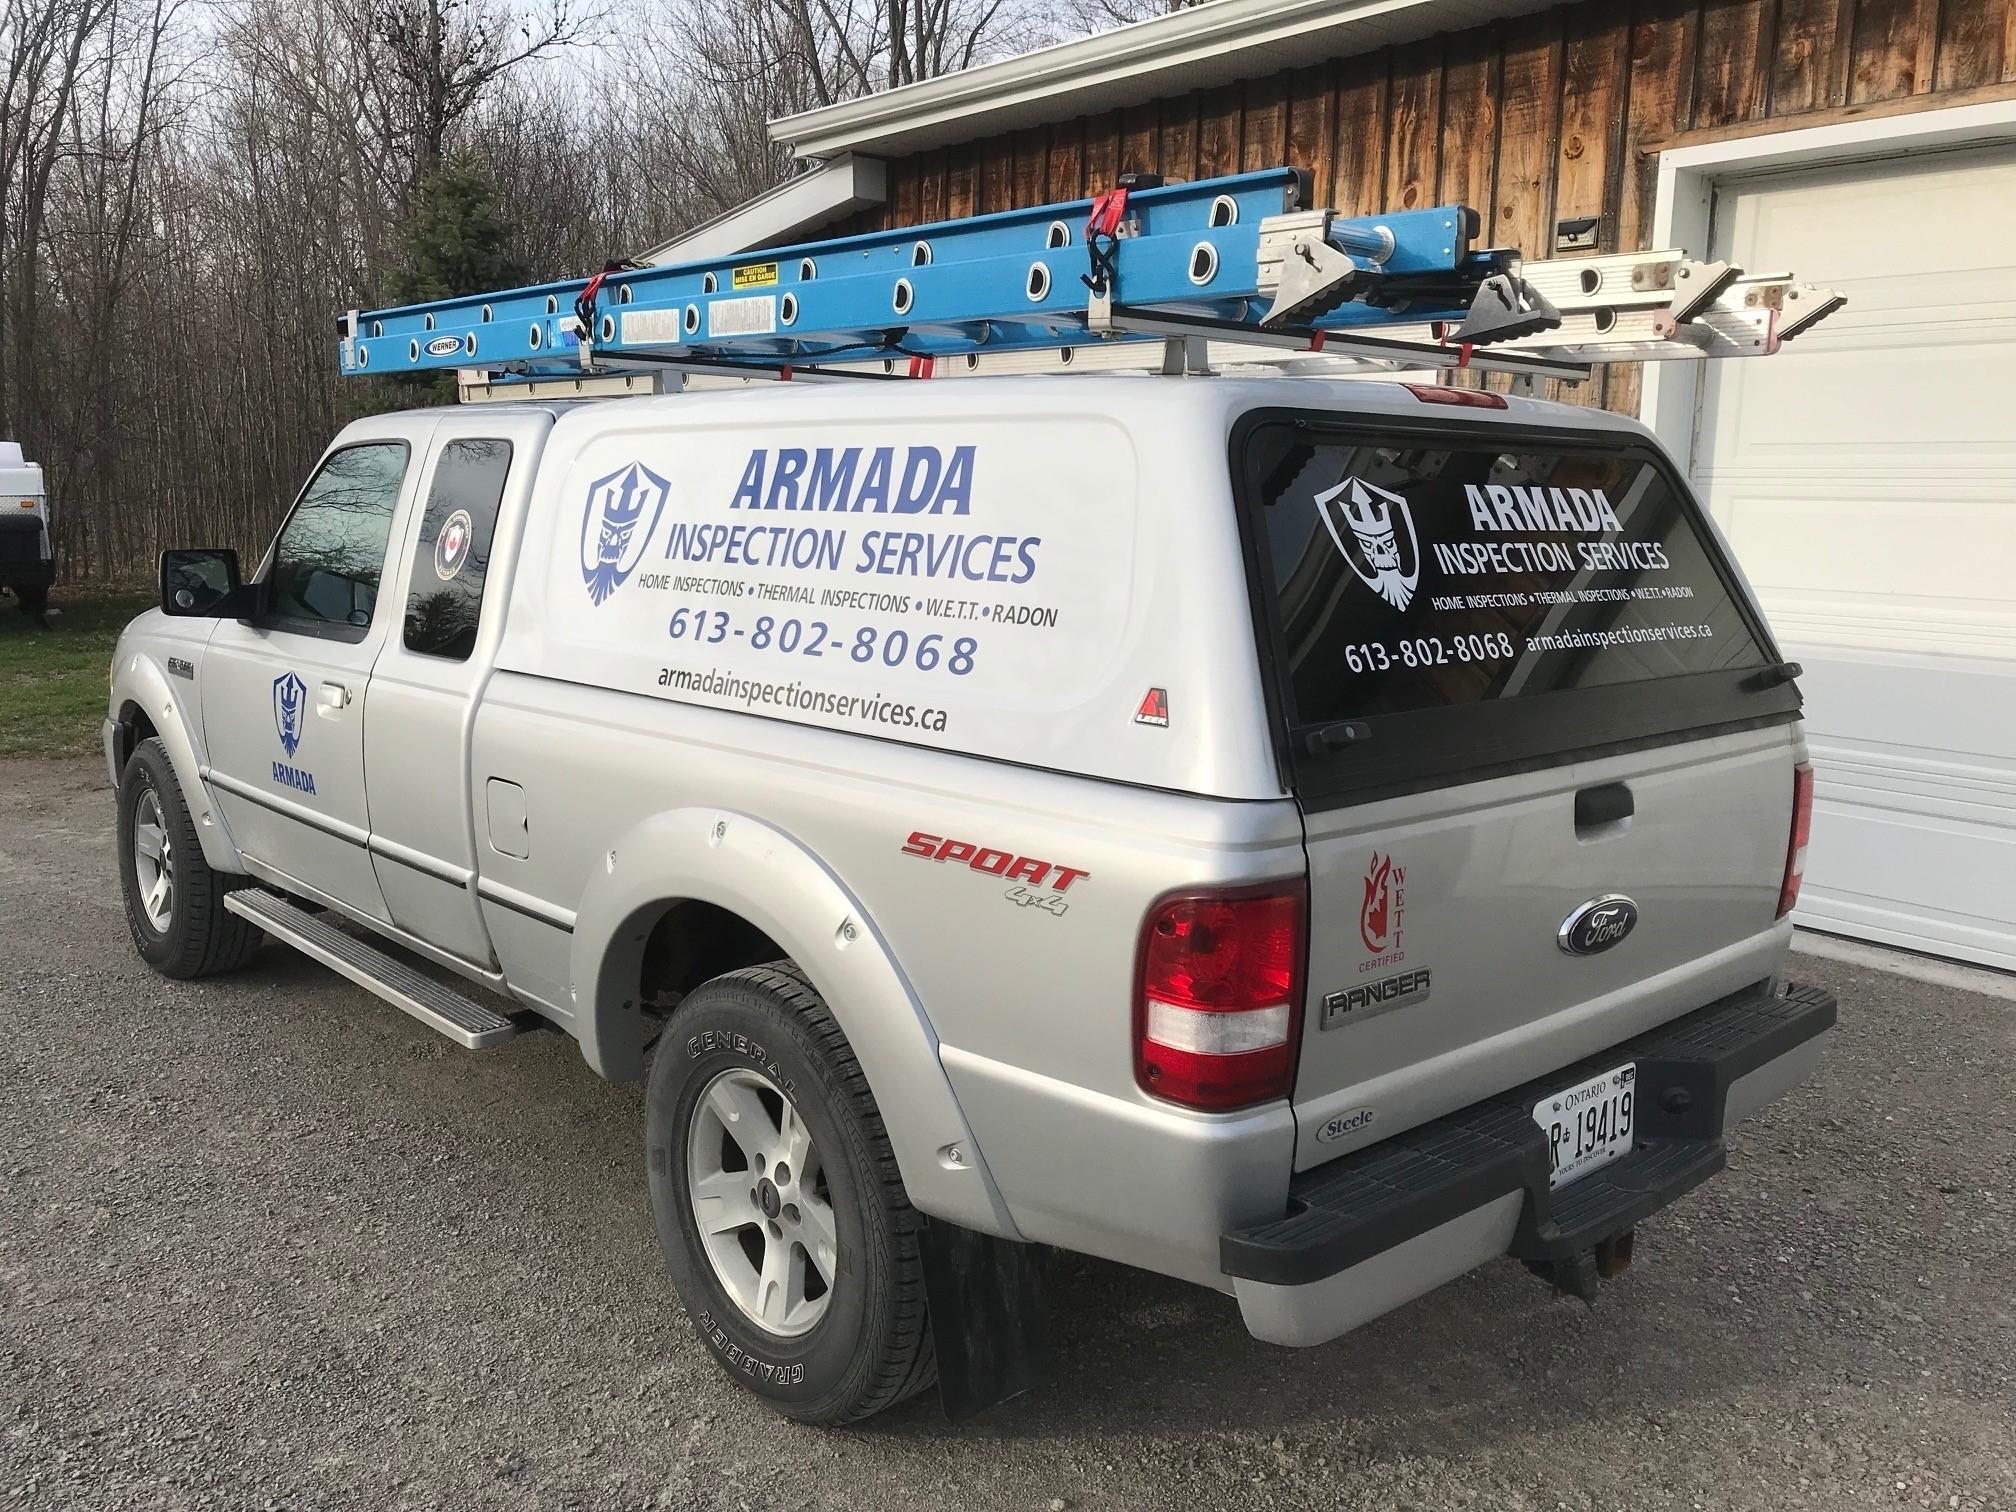 Armada Inspection Services à Athens